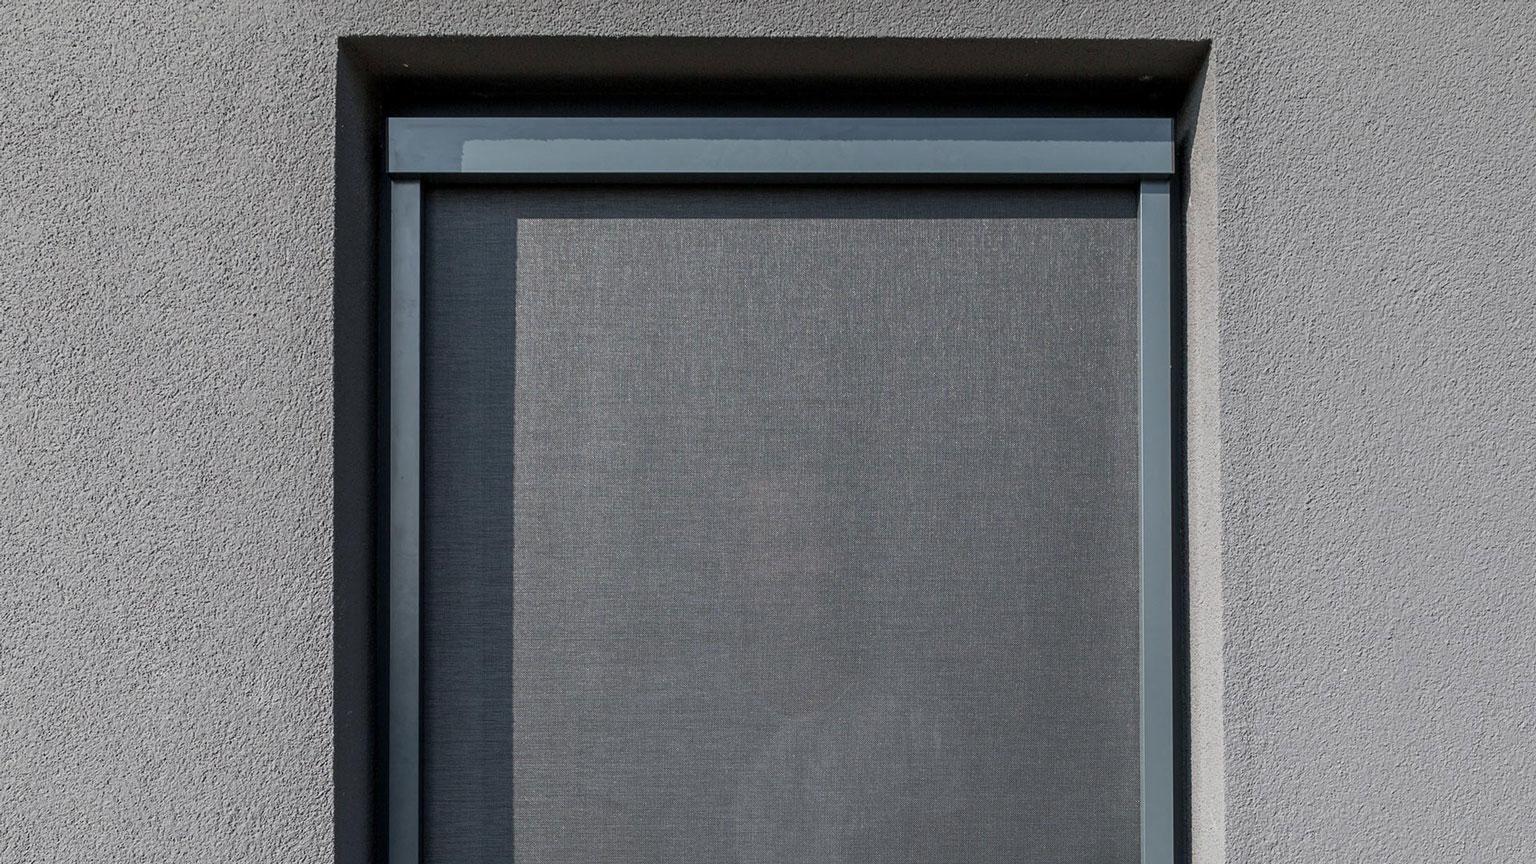 Full Size of Jalousie Innen Fenster Das Auenrollo Einzige Zum Klemmen Stores Weru Mit Integriertem Rollladen Obi Einbruchschutz Rollos Velux Rollo Teleskopstange Rc3 Wohnzimmer Jalousie Innen Fenster